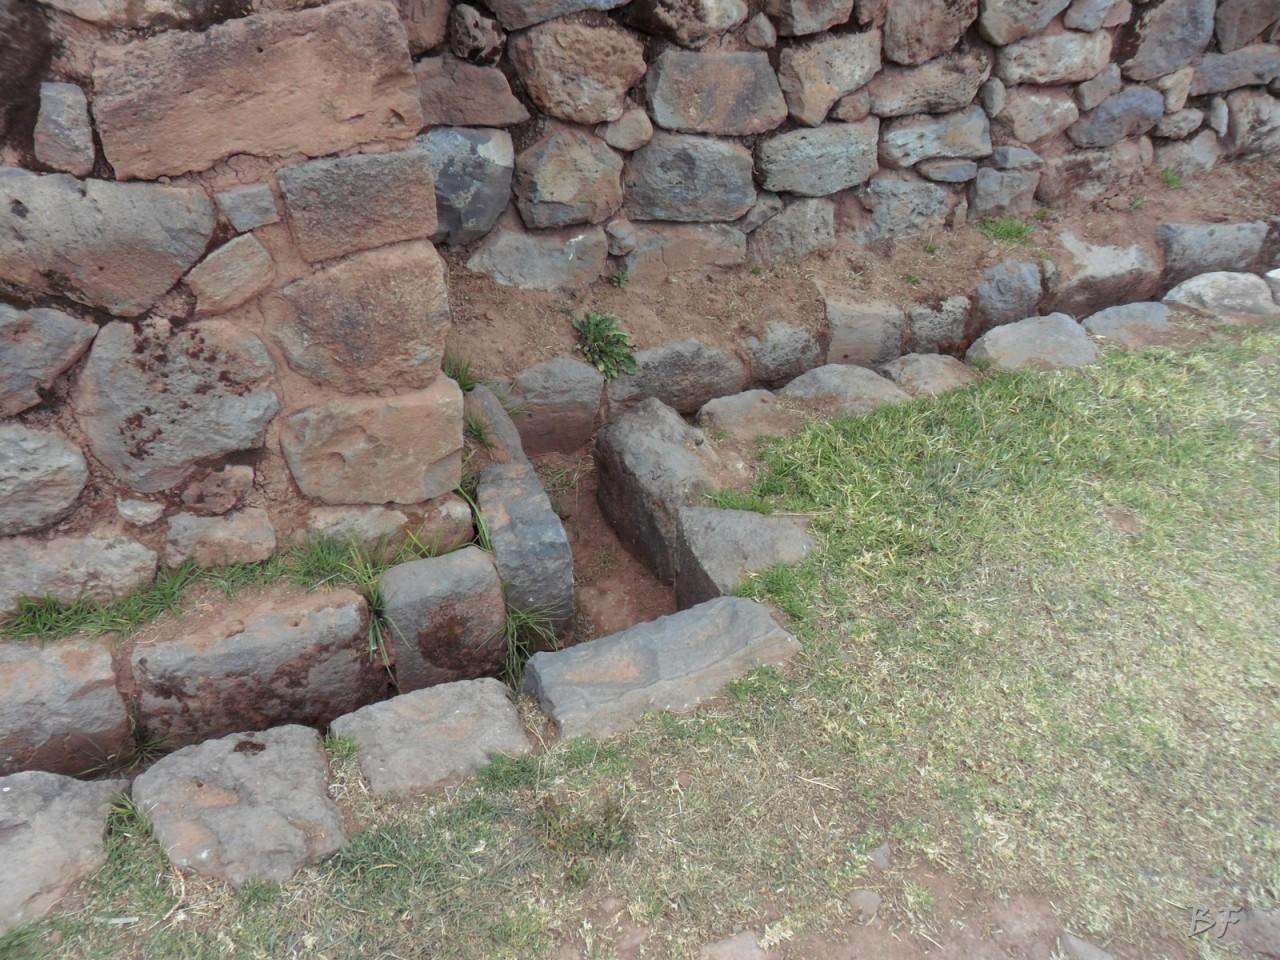 Mura-Poligonali-Megaliti-Tipon-Oropesa-Cusco-Perù-2